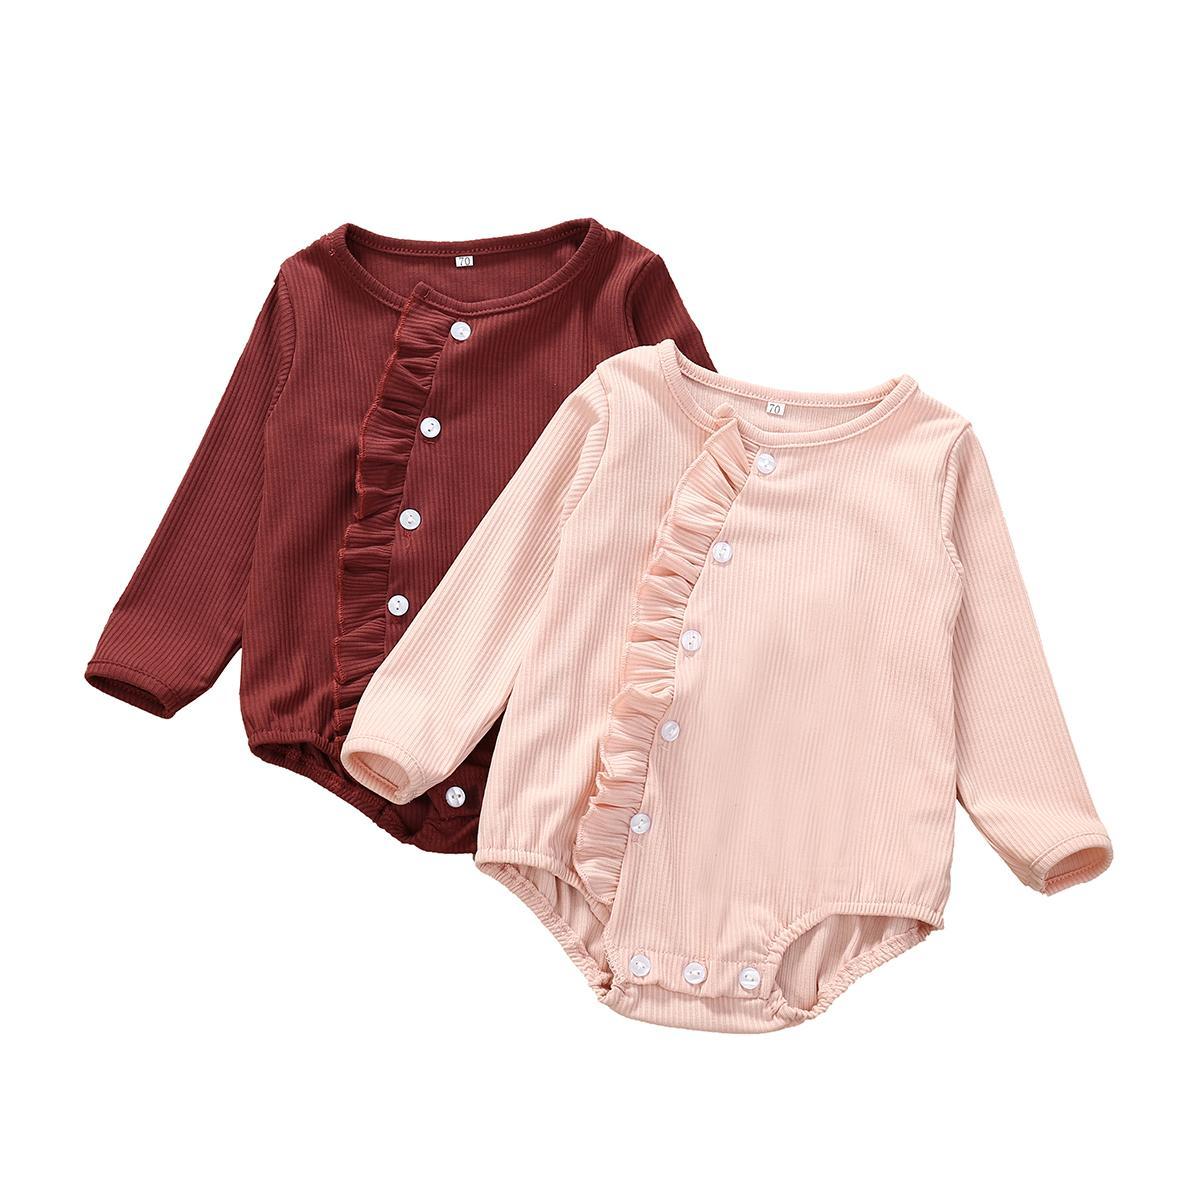 Enfant nouveau-né bébé layette 2020 Nouveau manches longues en coton Bodies Jumpsuit Tenues enfant en bas âge solide layette 0-24M